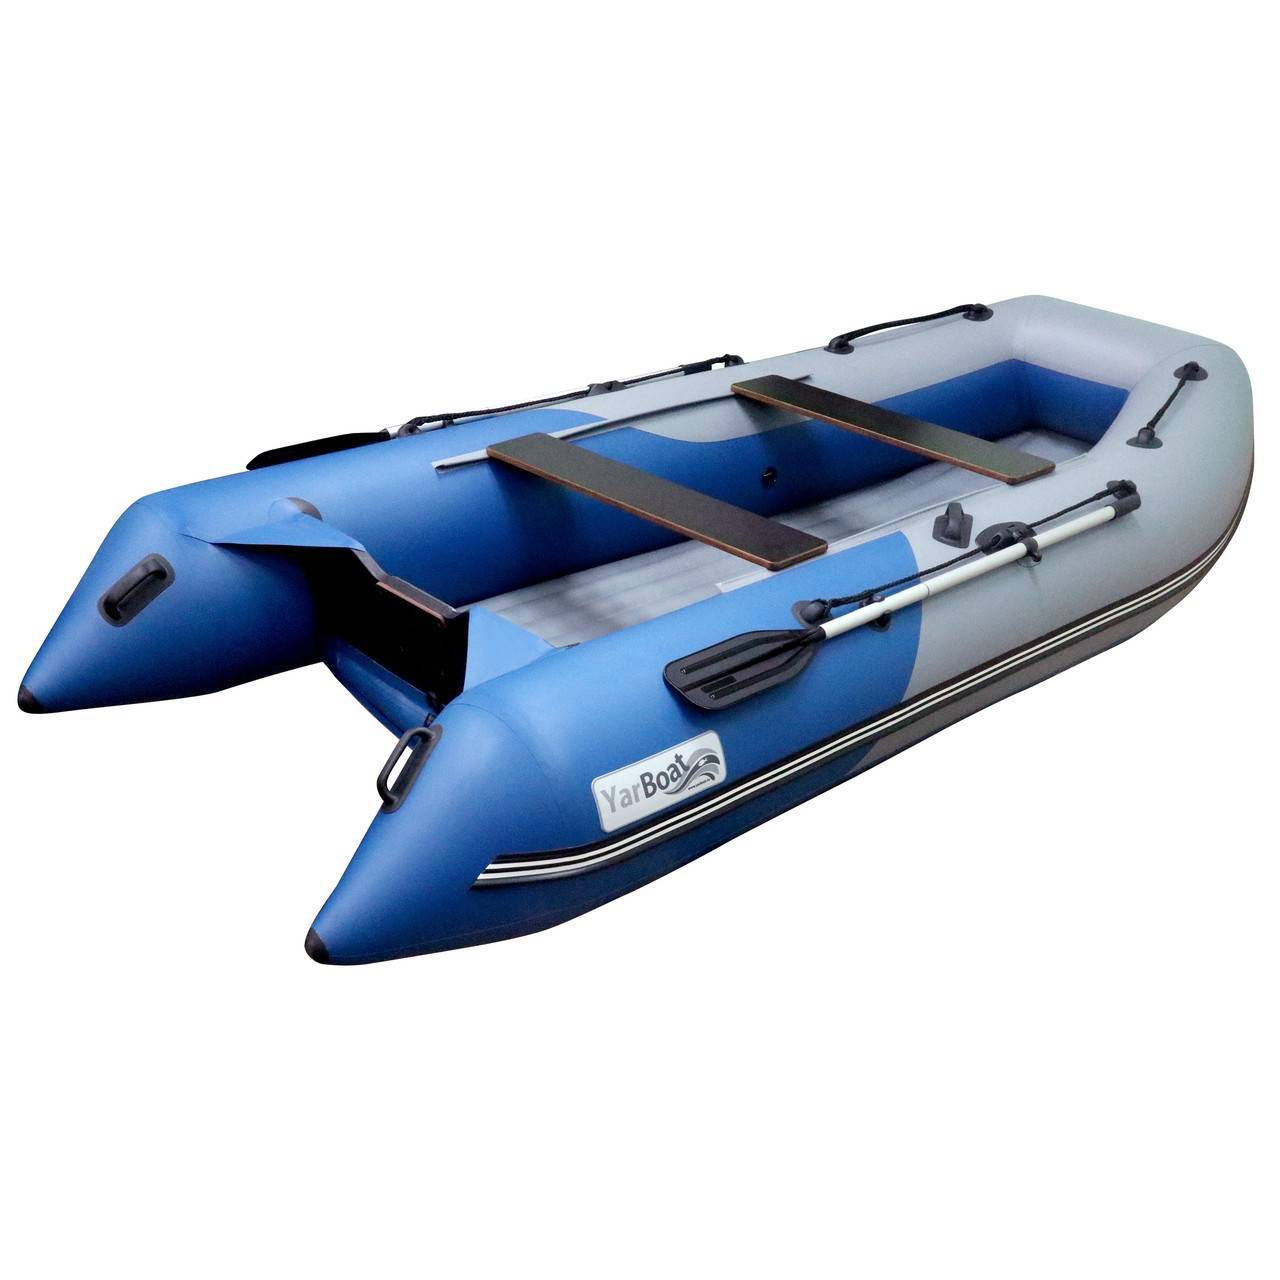 Лодки с нднд: преимущества и недостатки, рейтинг топ-10 лучших лодок, транцевые колеса для лодок